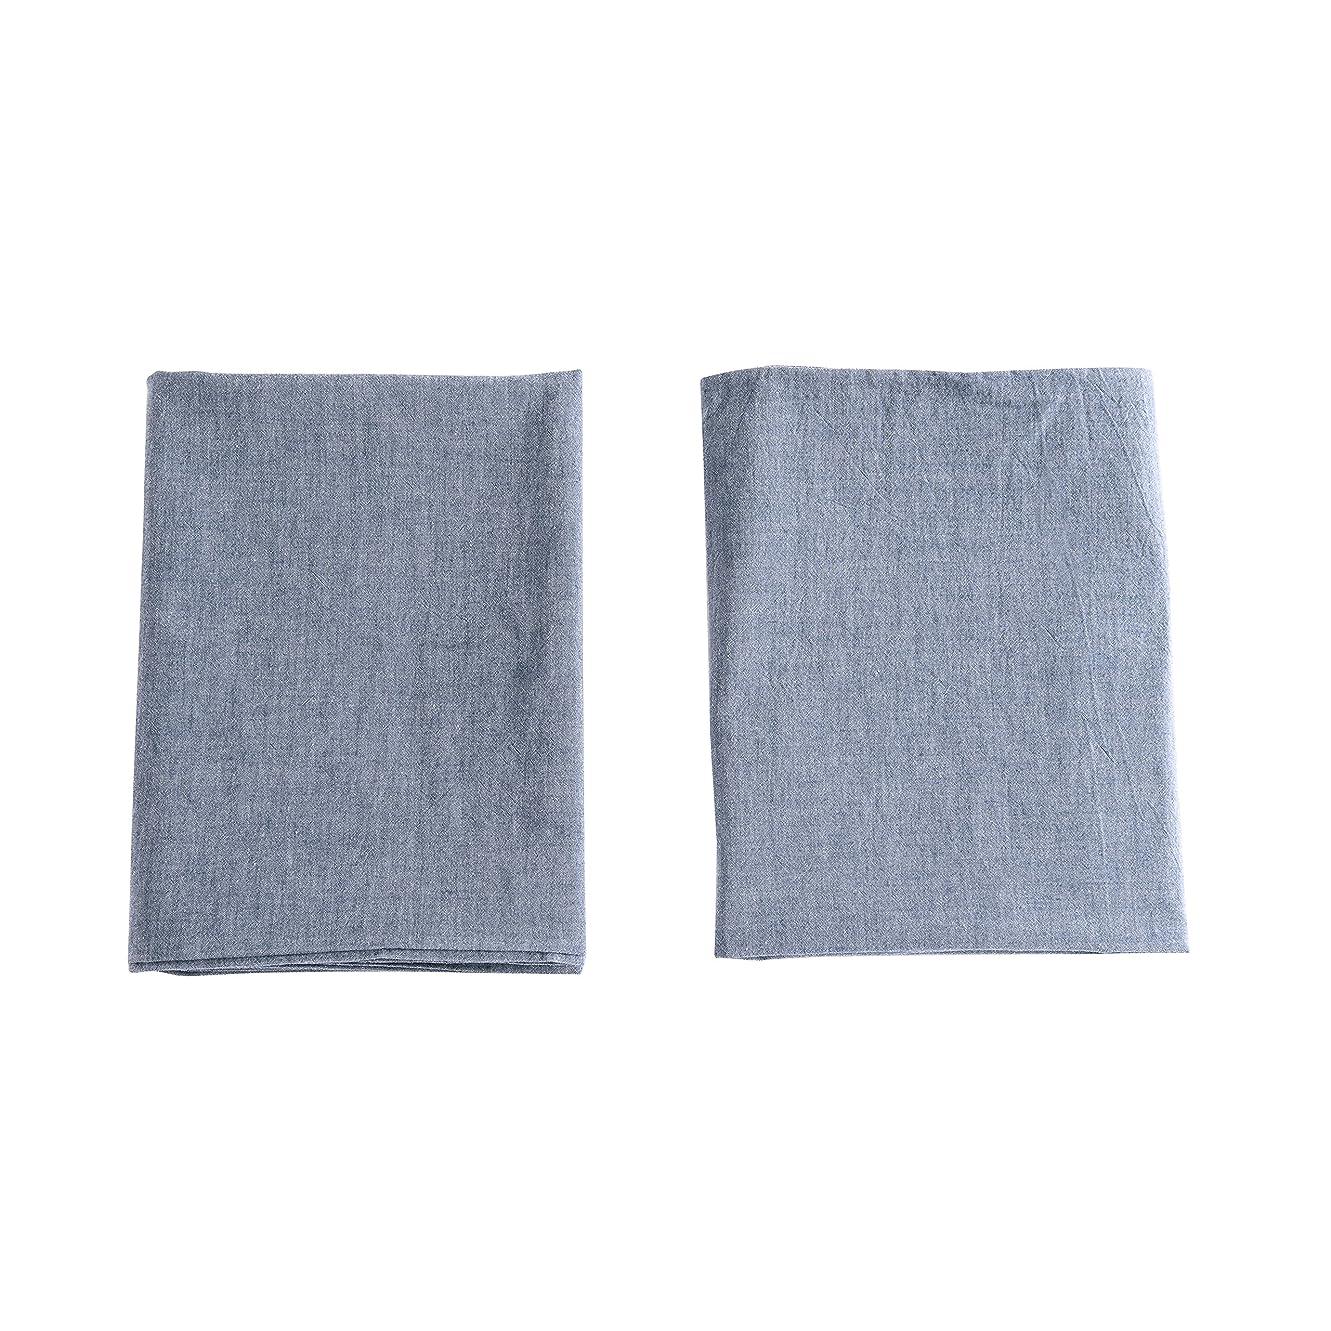 プラスサイバースペース誇張【枕カバー 2枚組】オーガニックコットン ピロケース 洗いざらしの綿100% 枕カバー2枚 封筒式 防ダニ 抗菌防臭加工 (43x63cm, ブルー)